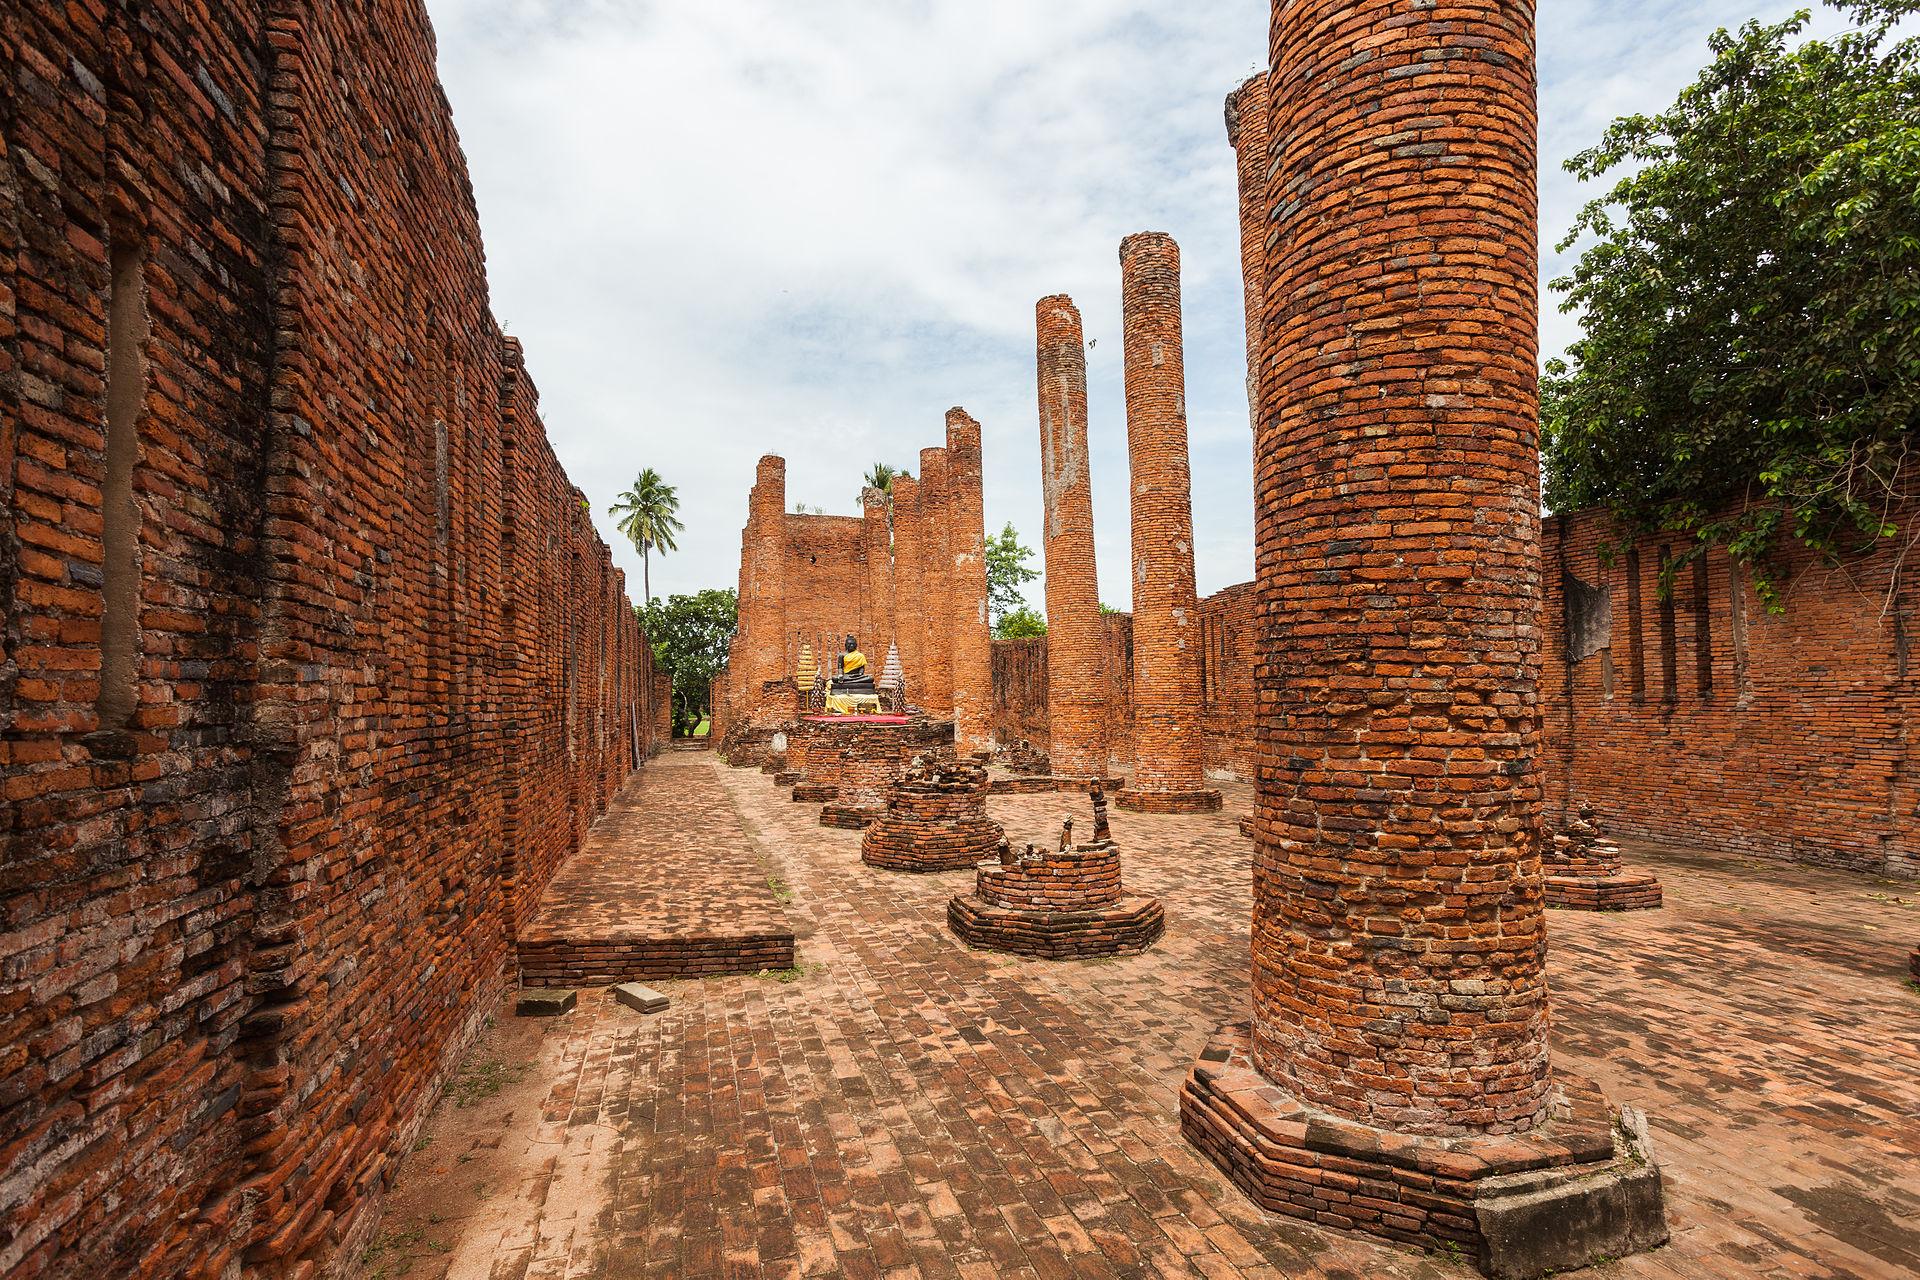 タイの世界遺産!美しくて感動するタイの絶景5ヶ所リスト